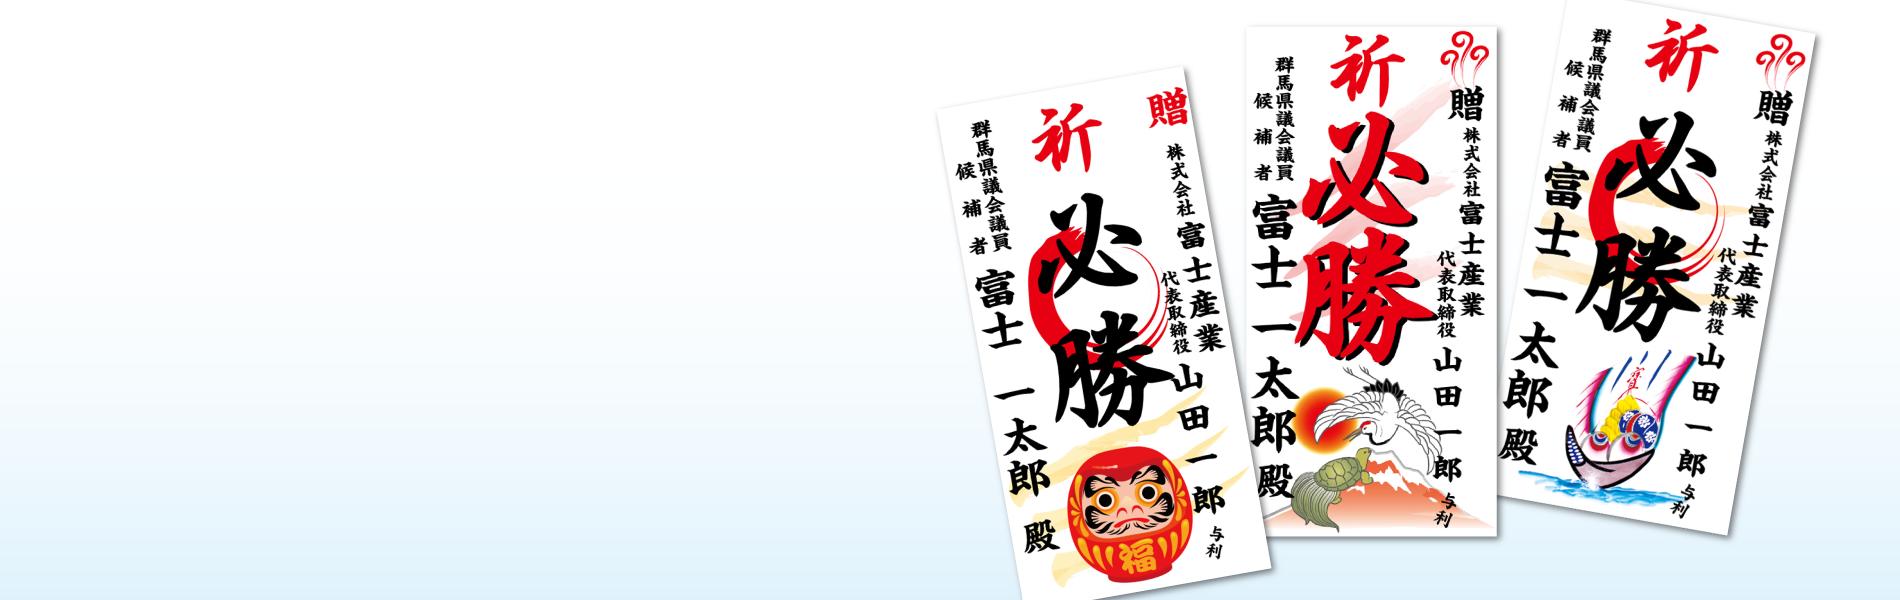 選挙えびらポスター